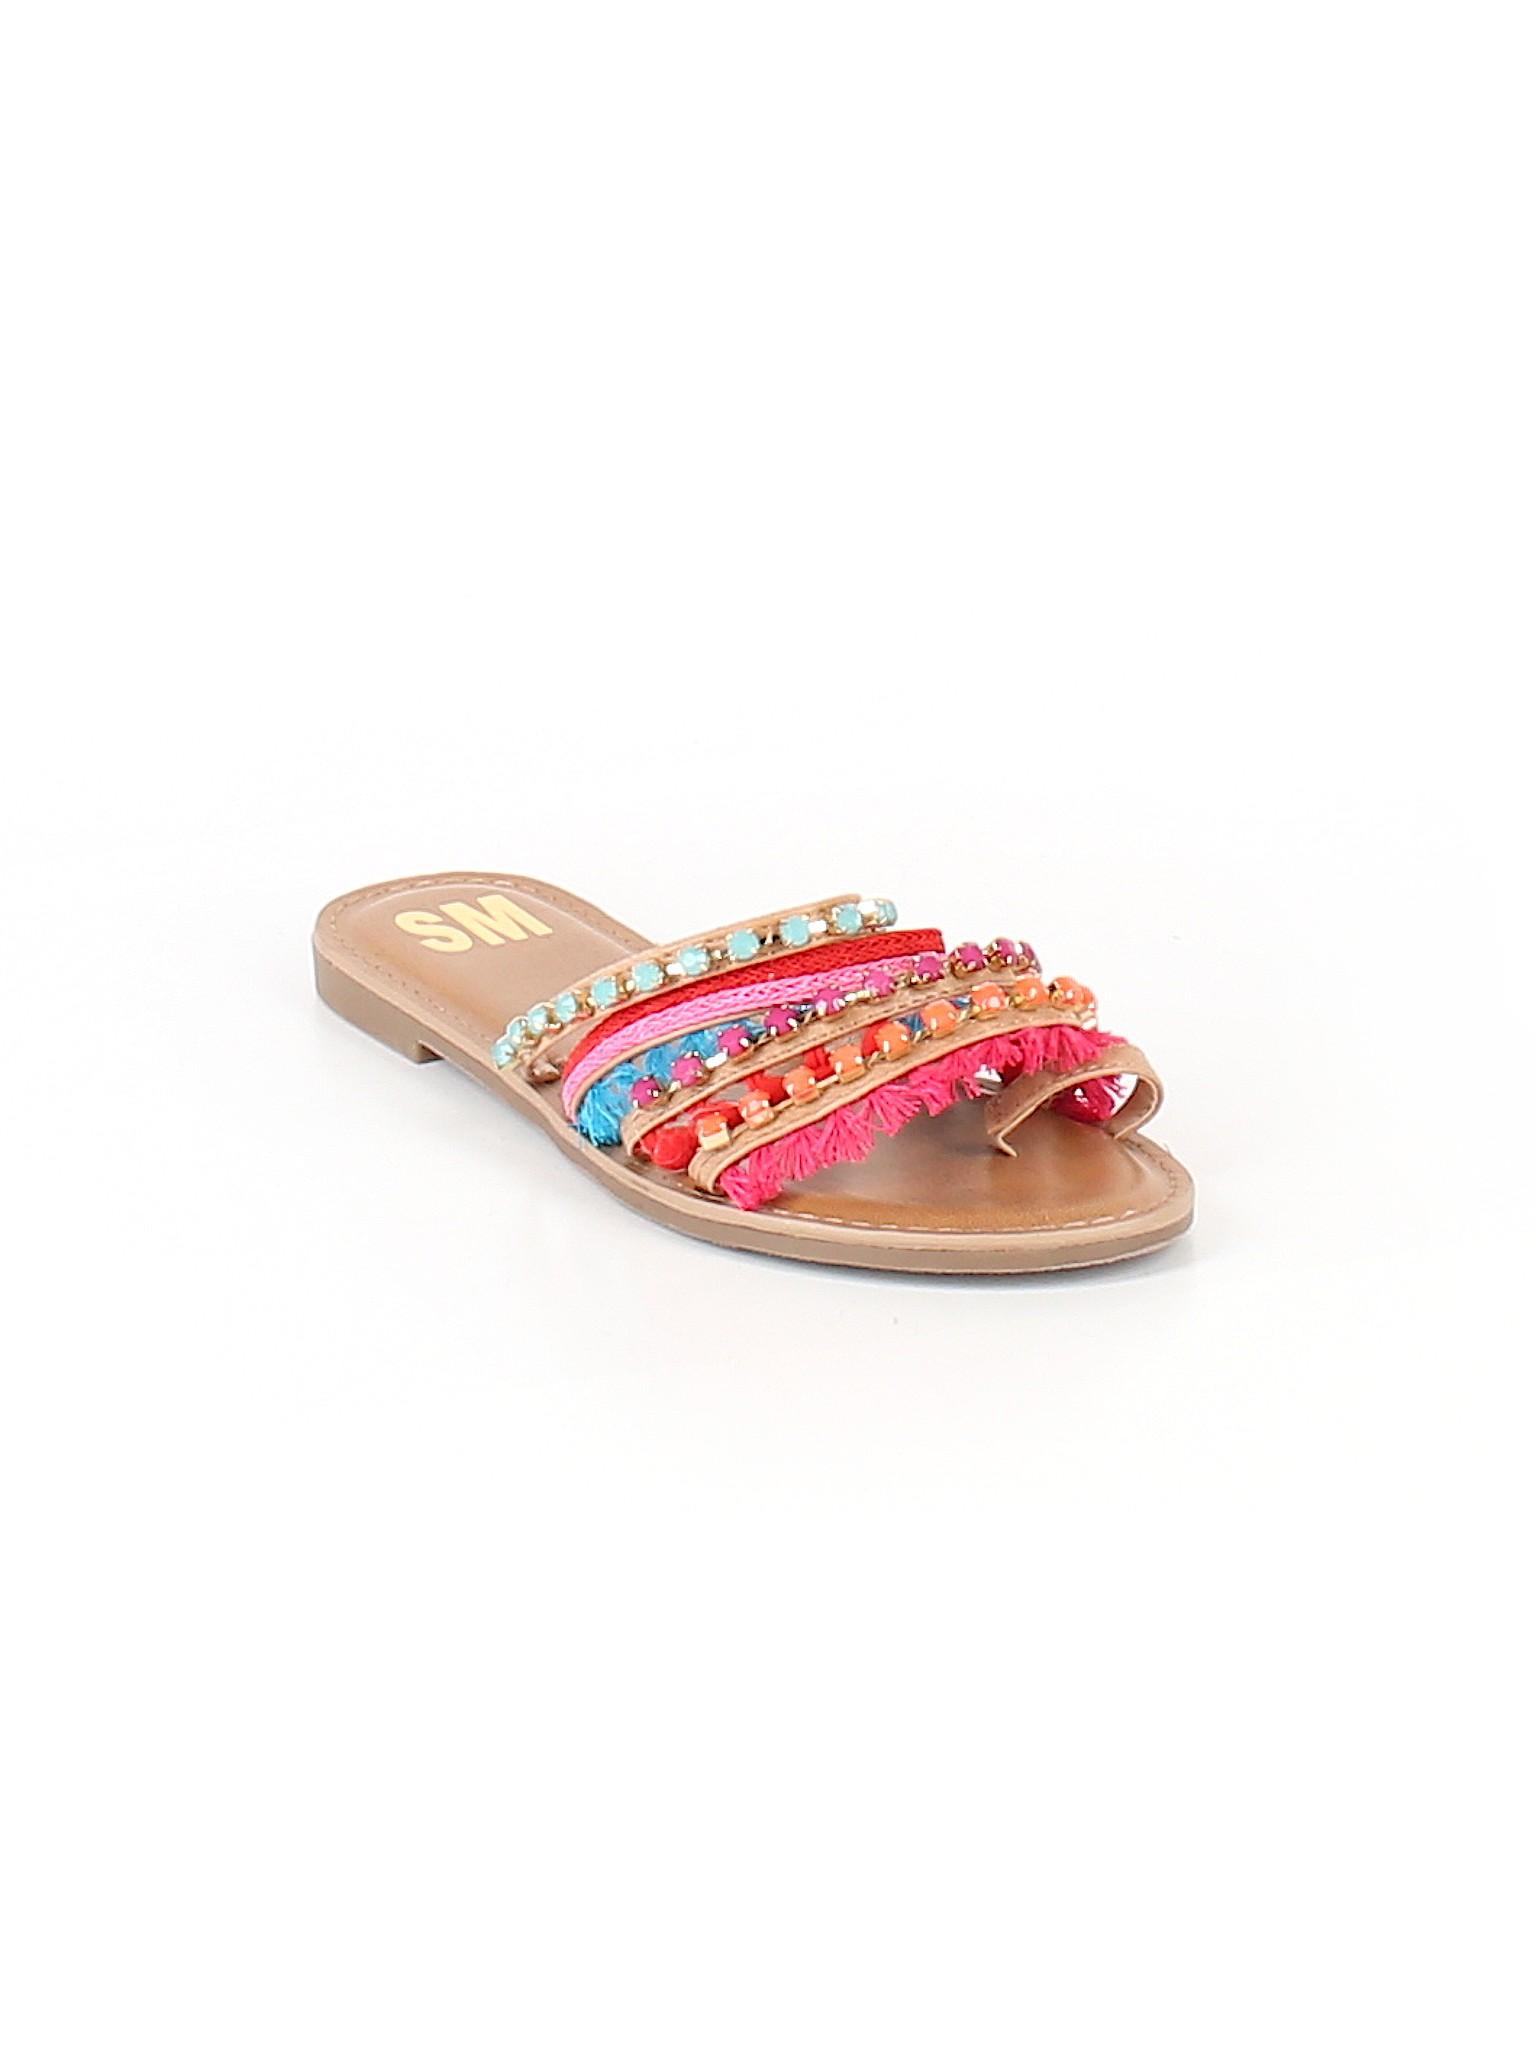 Boutique promotion SM Sandals SM promotion Sandals Boutique Boutique xBnxr